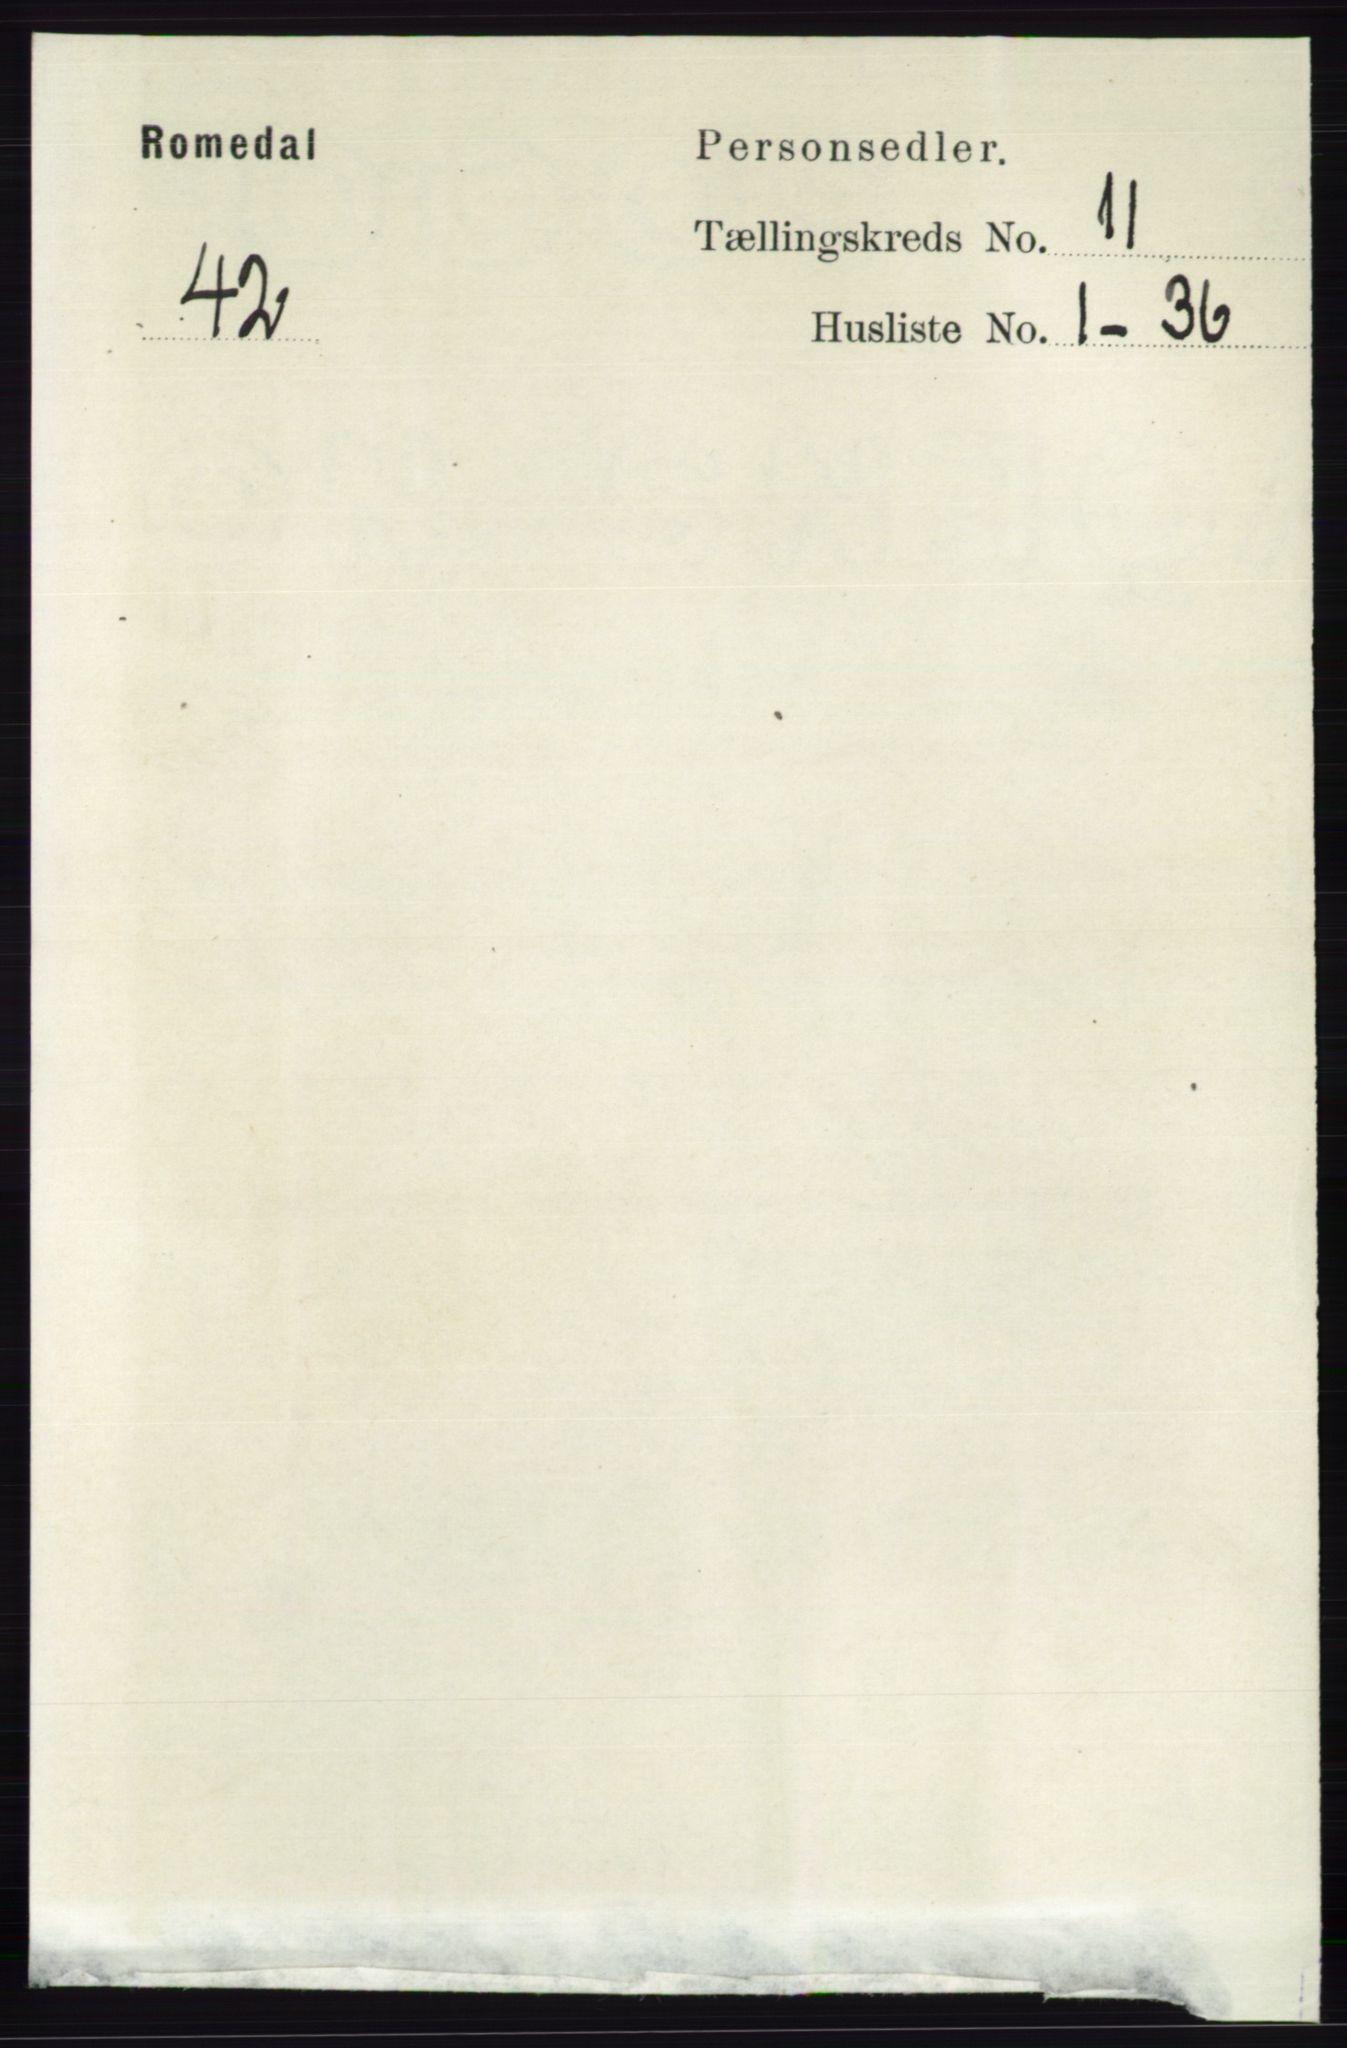 RA, Folketelling 1891 for 0416 Romedal herred, 1891, s. 5401